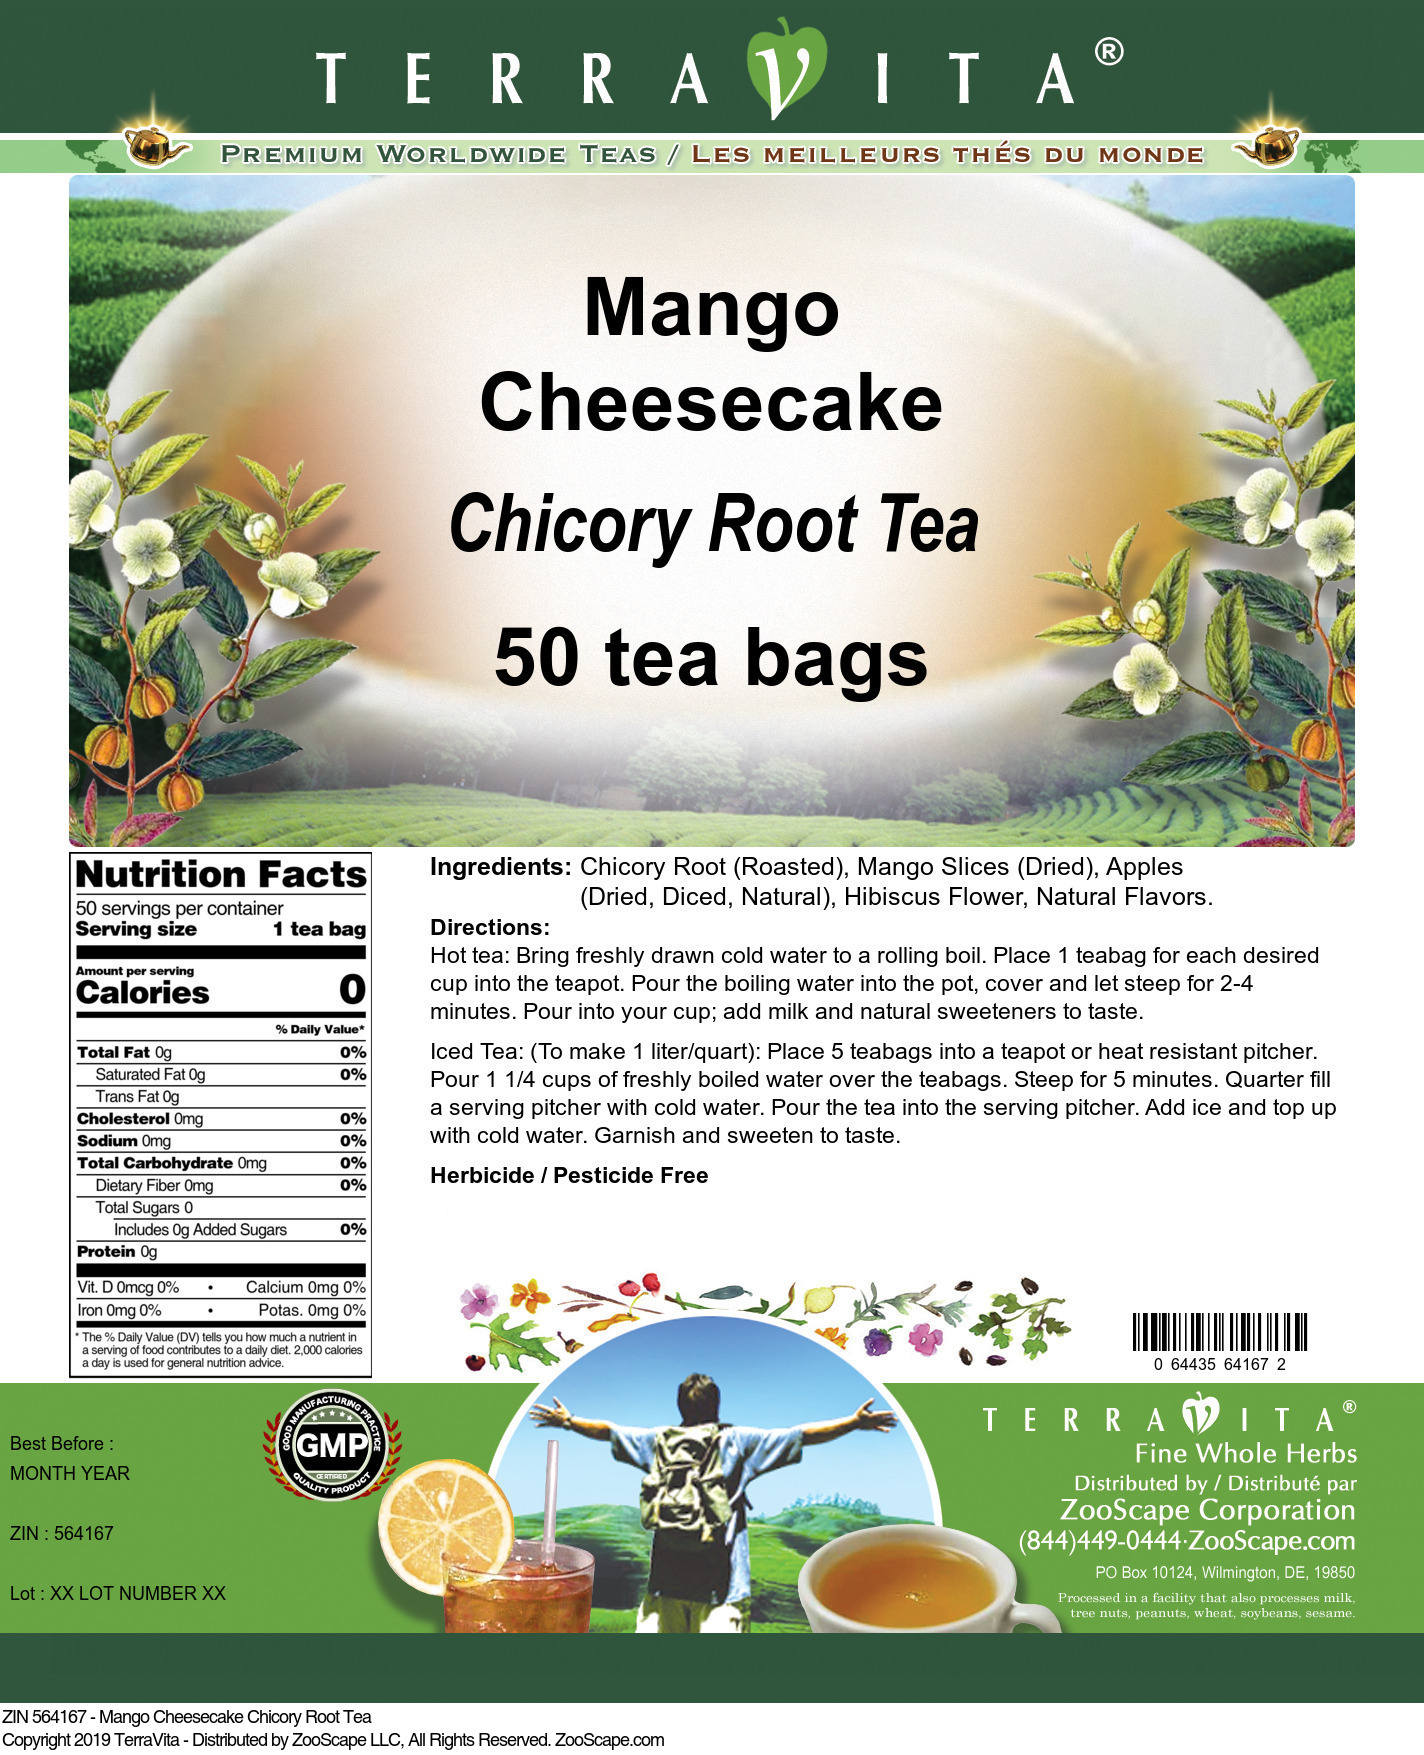 Mango Cheesecake Chicory Root Tea